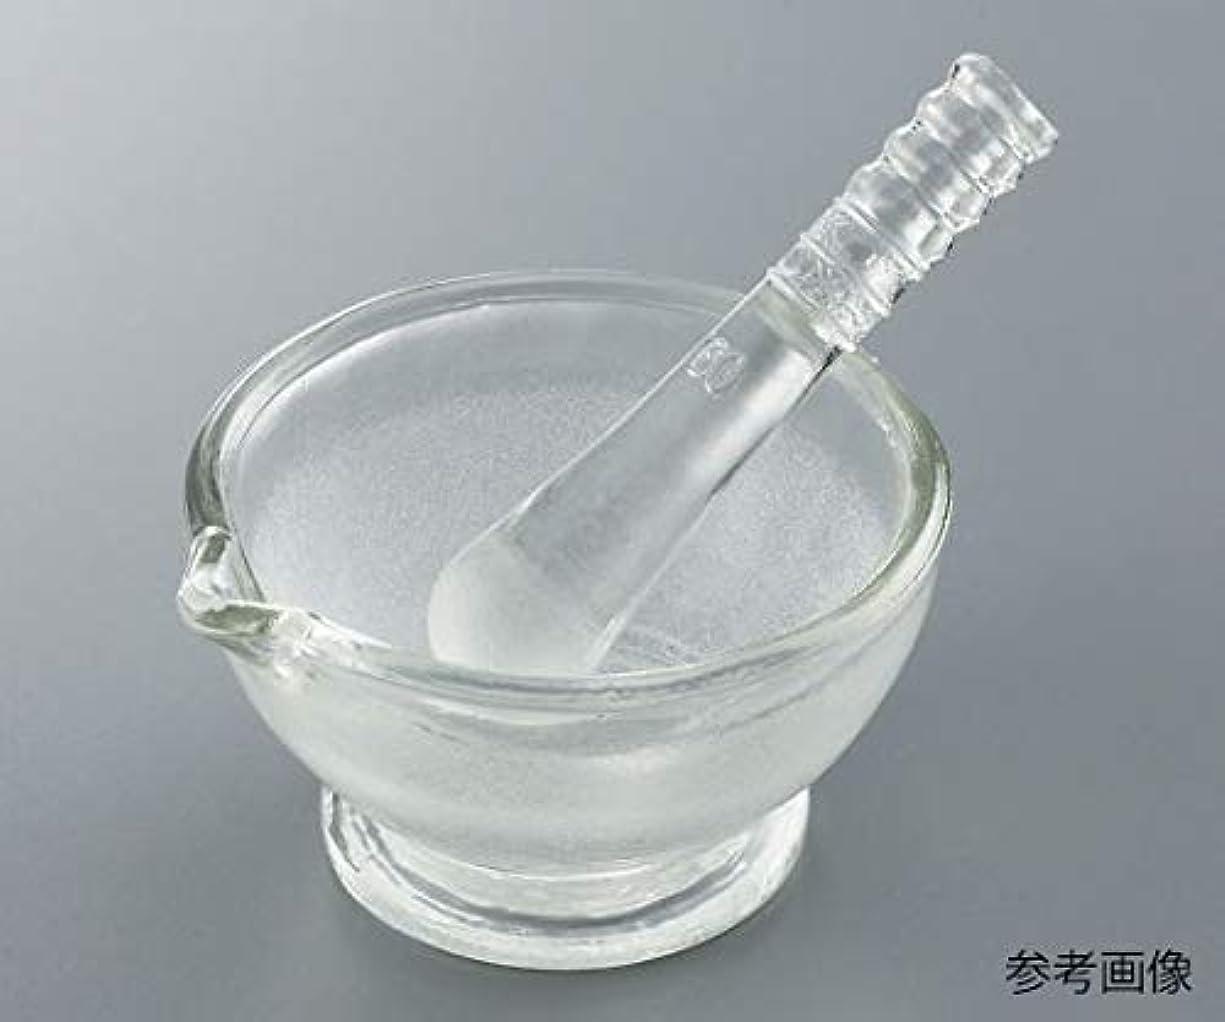 凍る行進ホイストアズワン ガラス乳鉢 /4-531-04